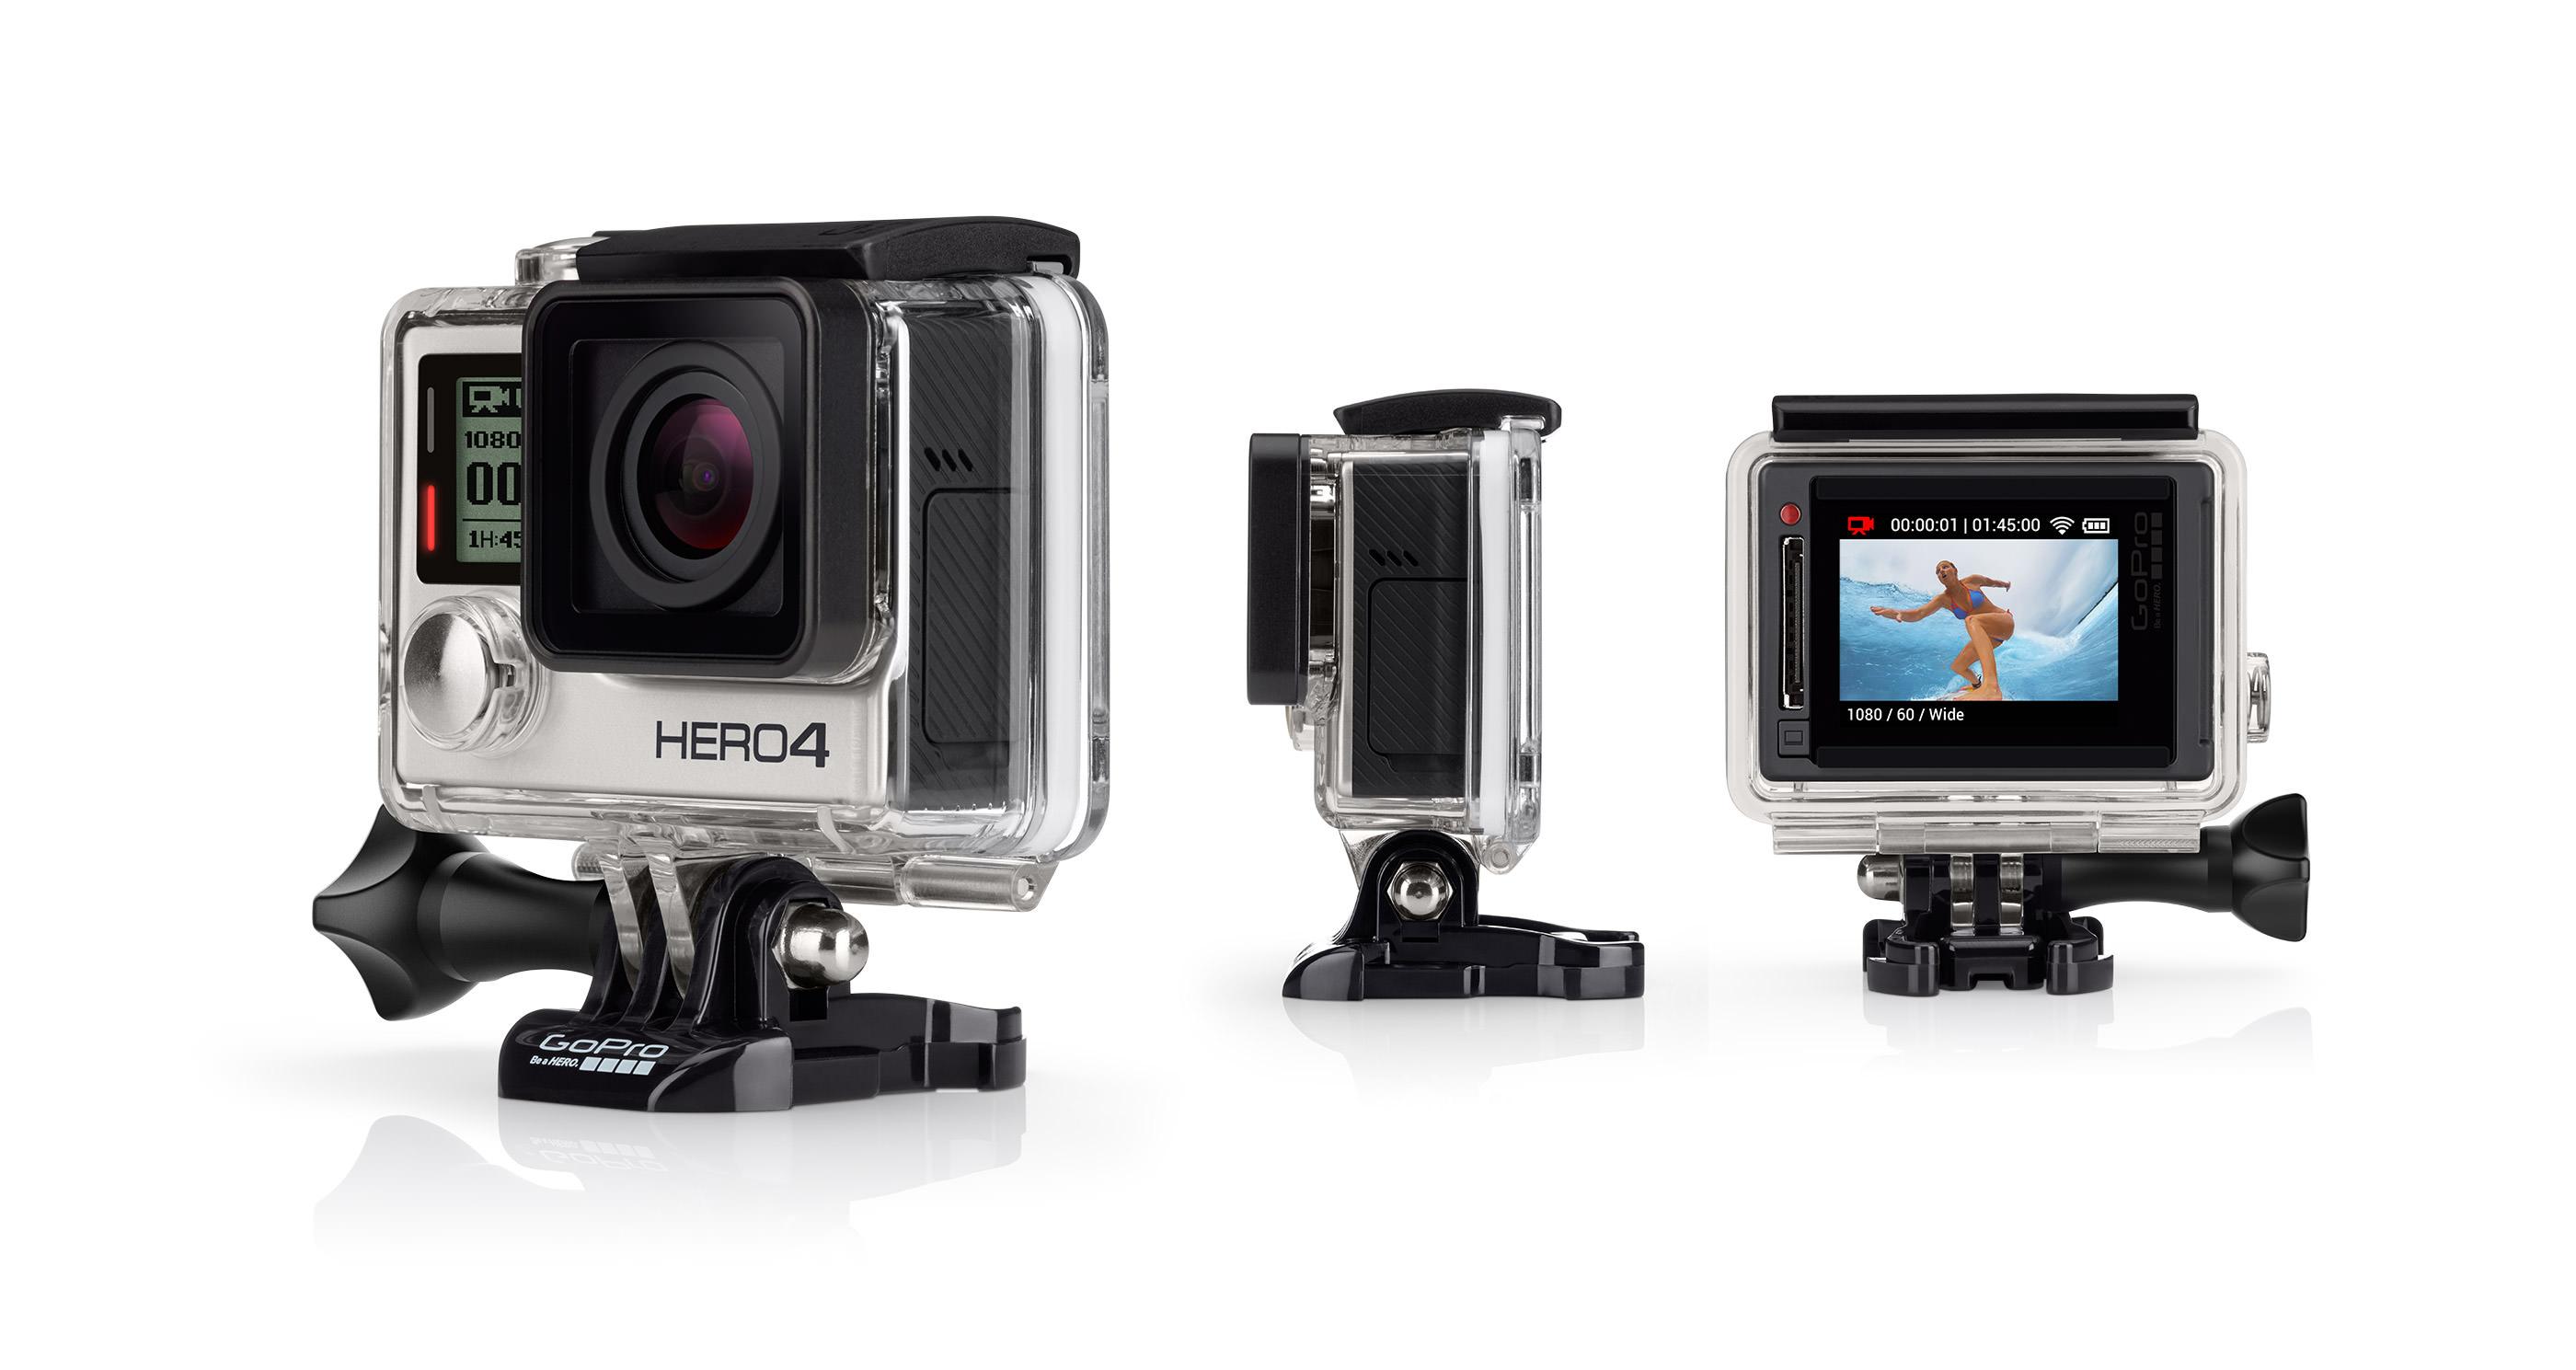 Kamera GoPro Hero4 Silver | Hobby Kamera - Sewa menyewa jadi lebih mudah di Spotsewa